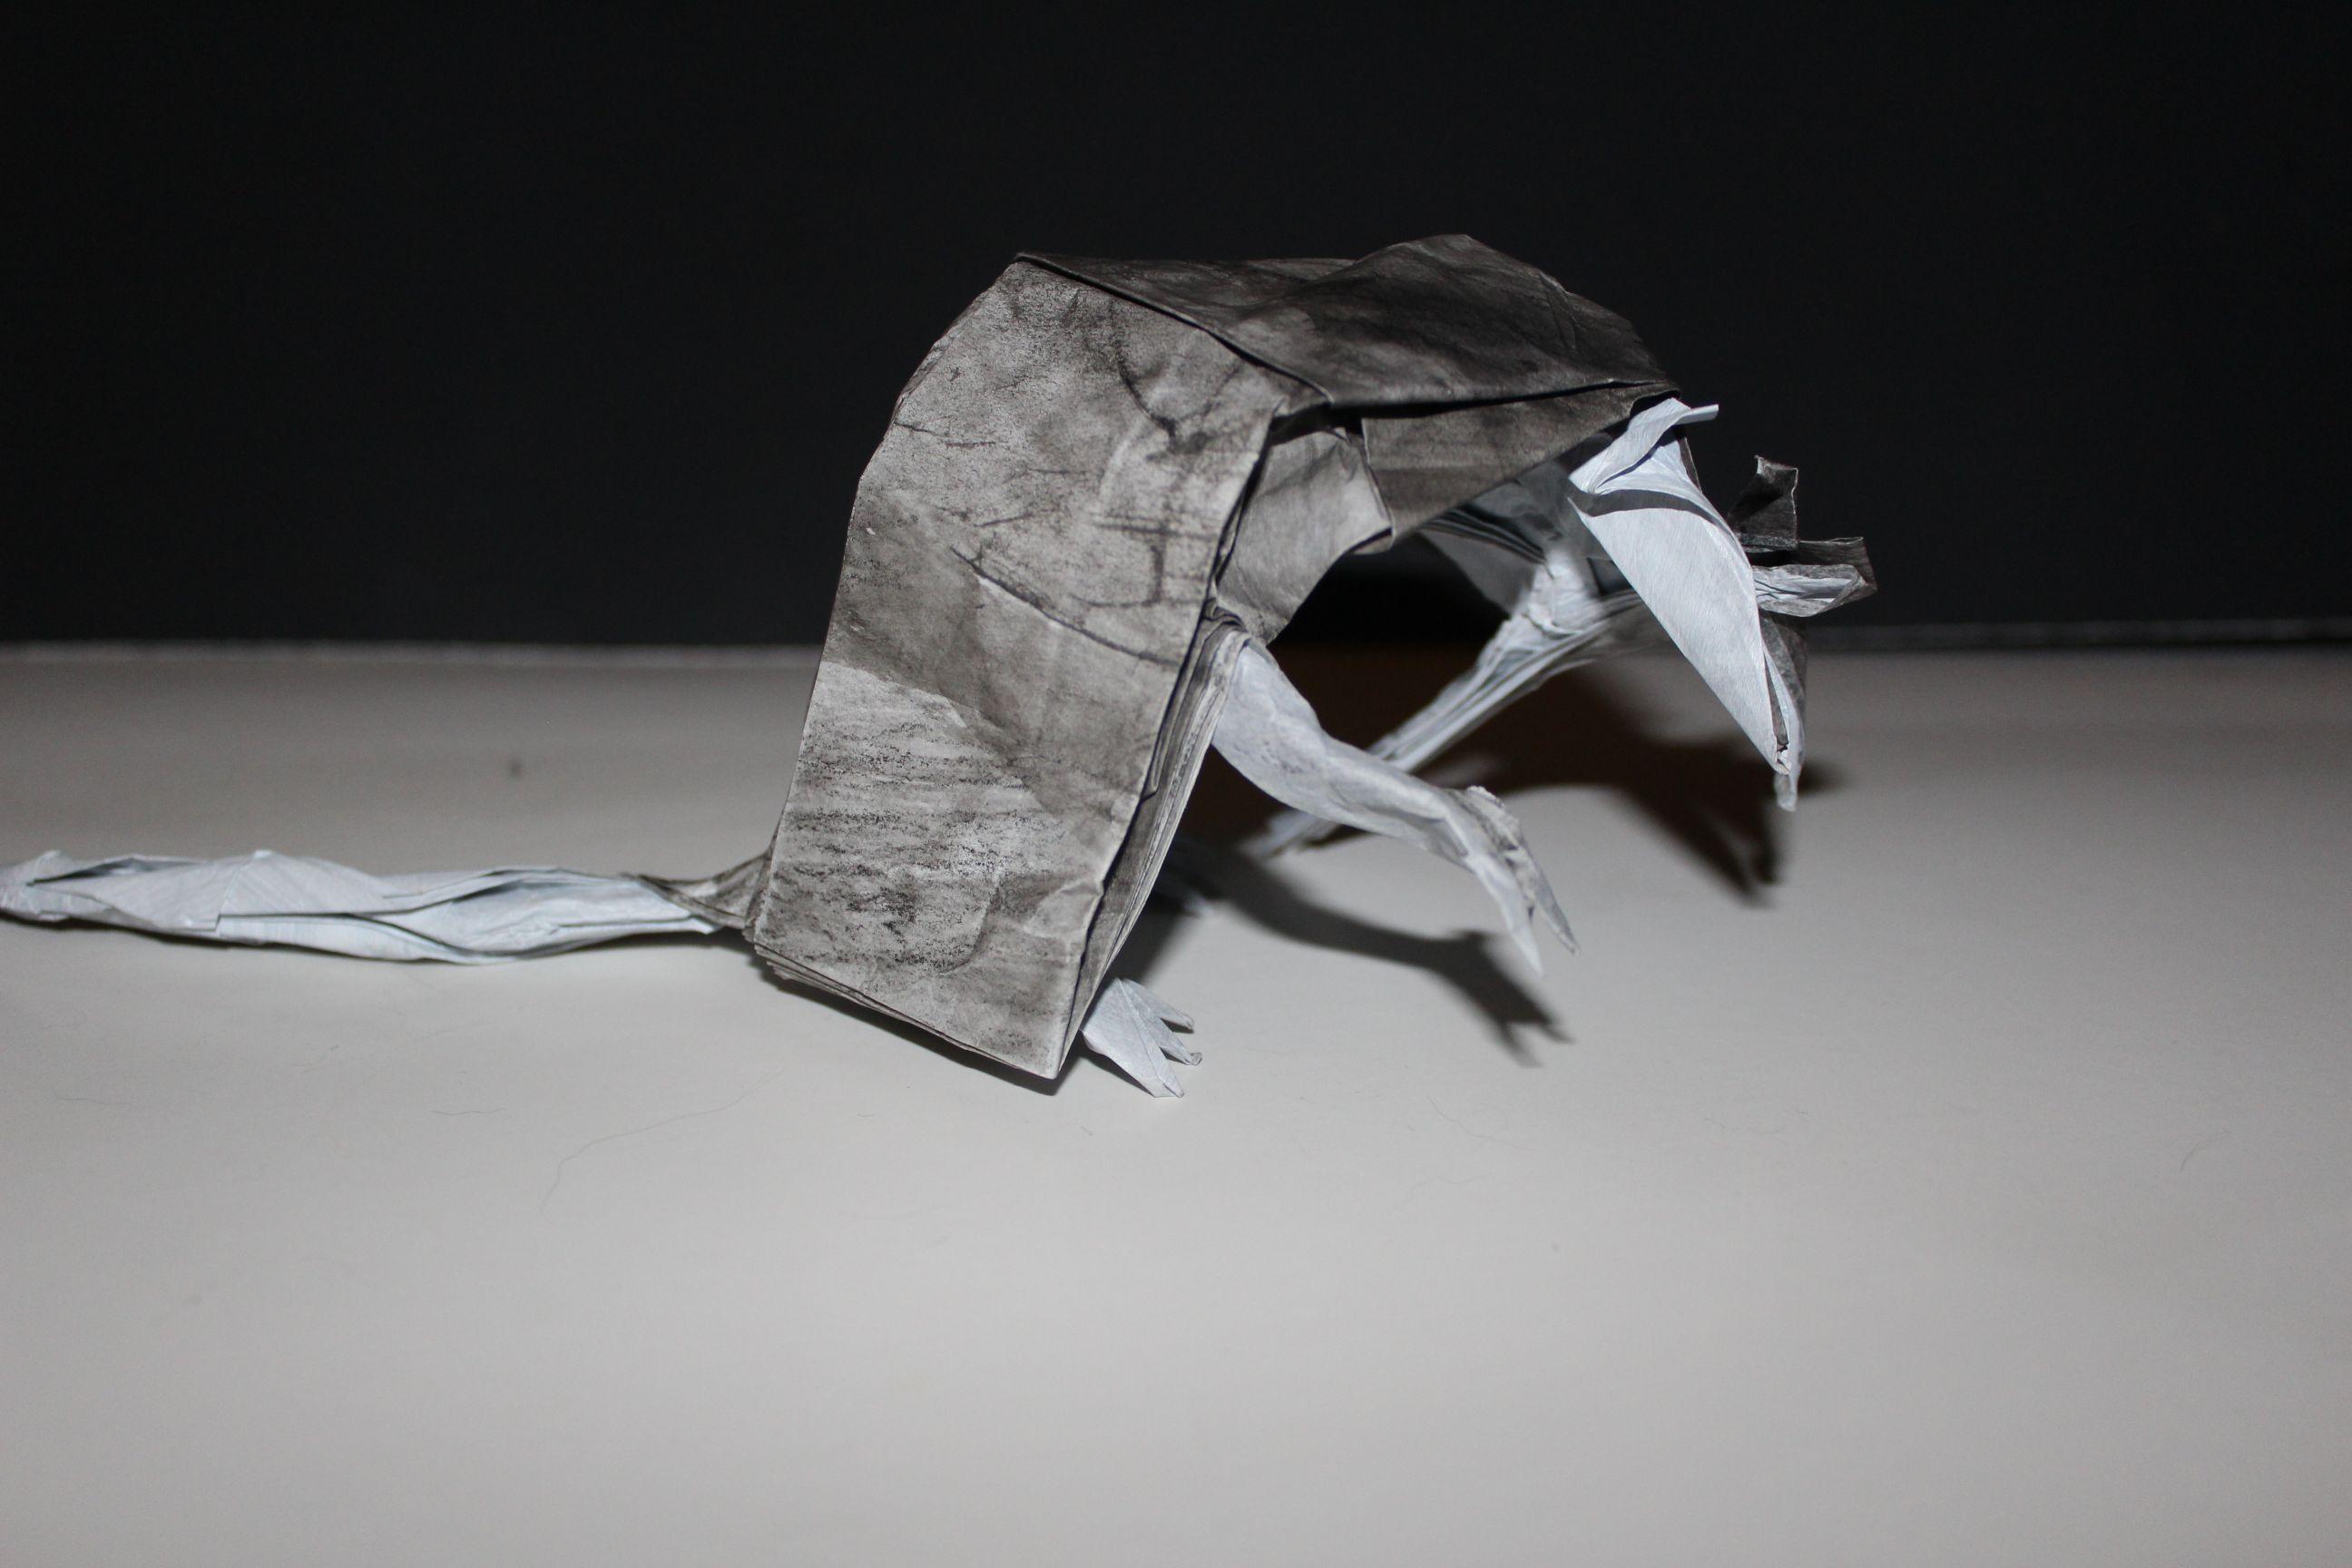 WKO_018 - DEATH OF RATS (109)